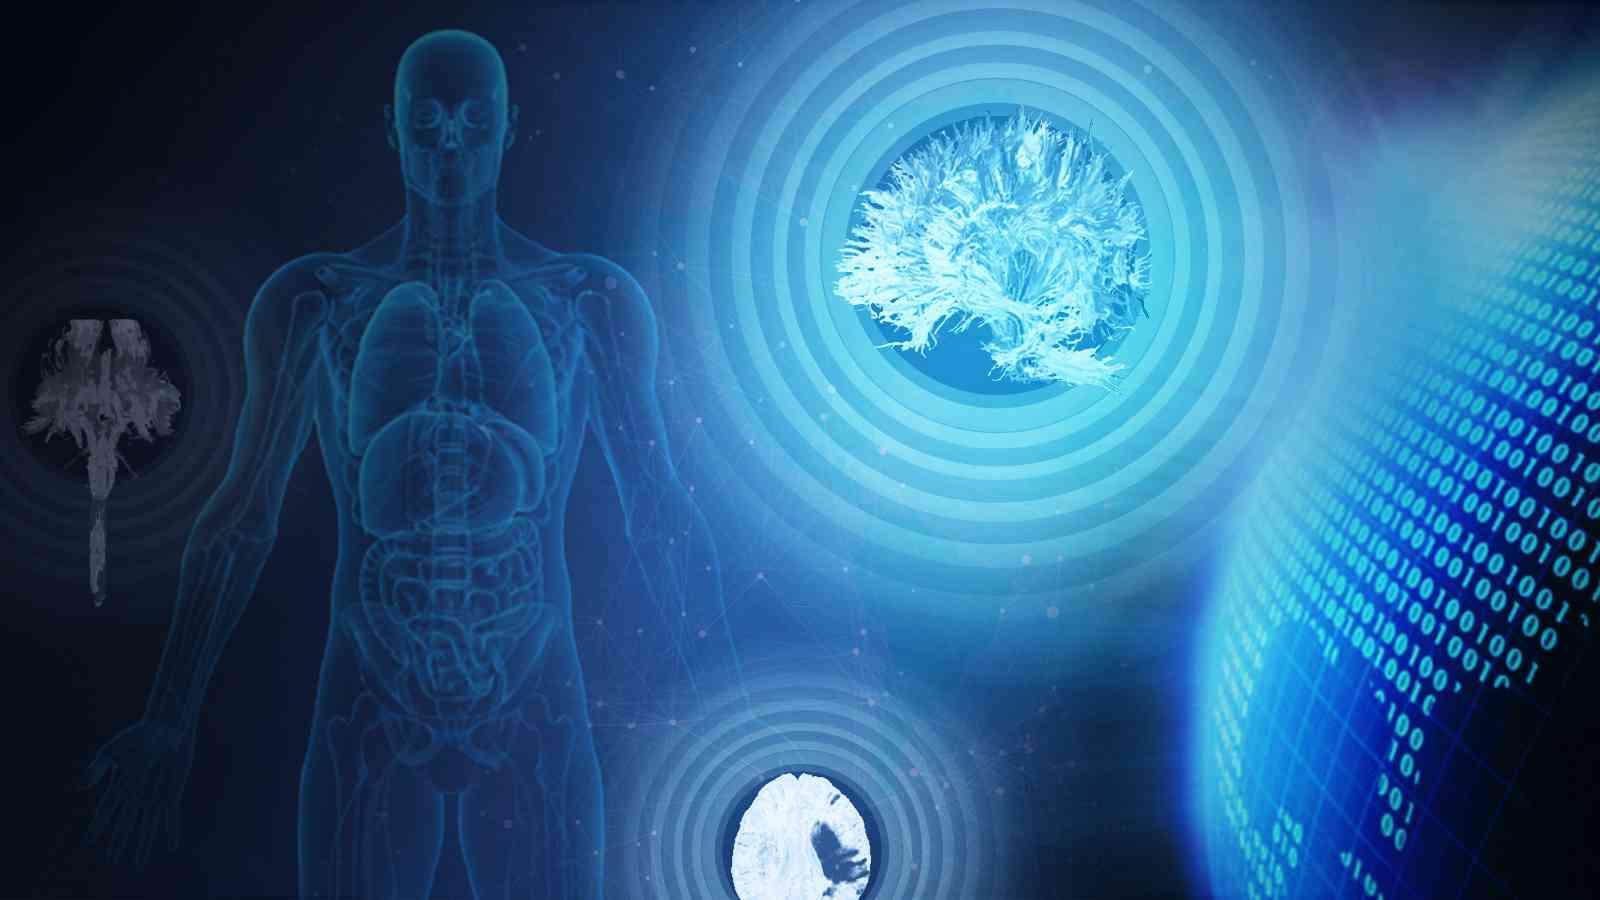 卵巢肿瘤的磁共振诊断思路